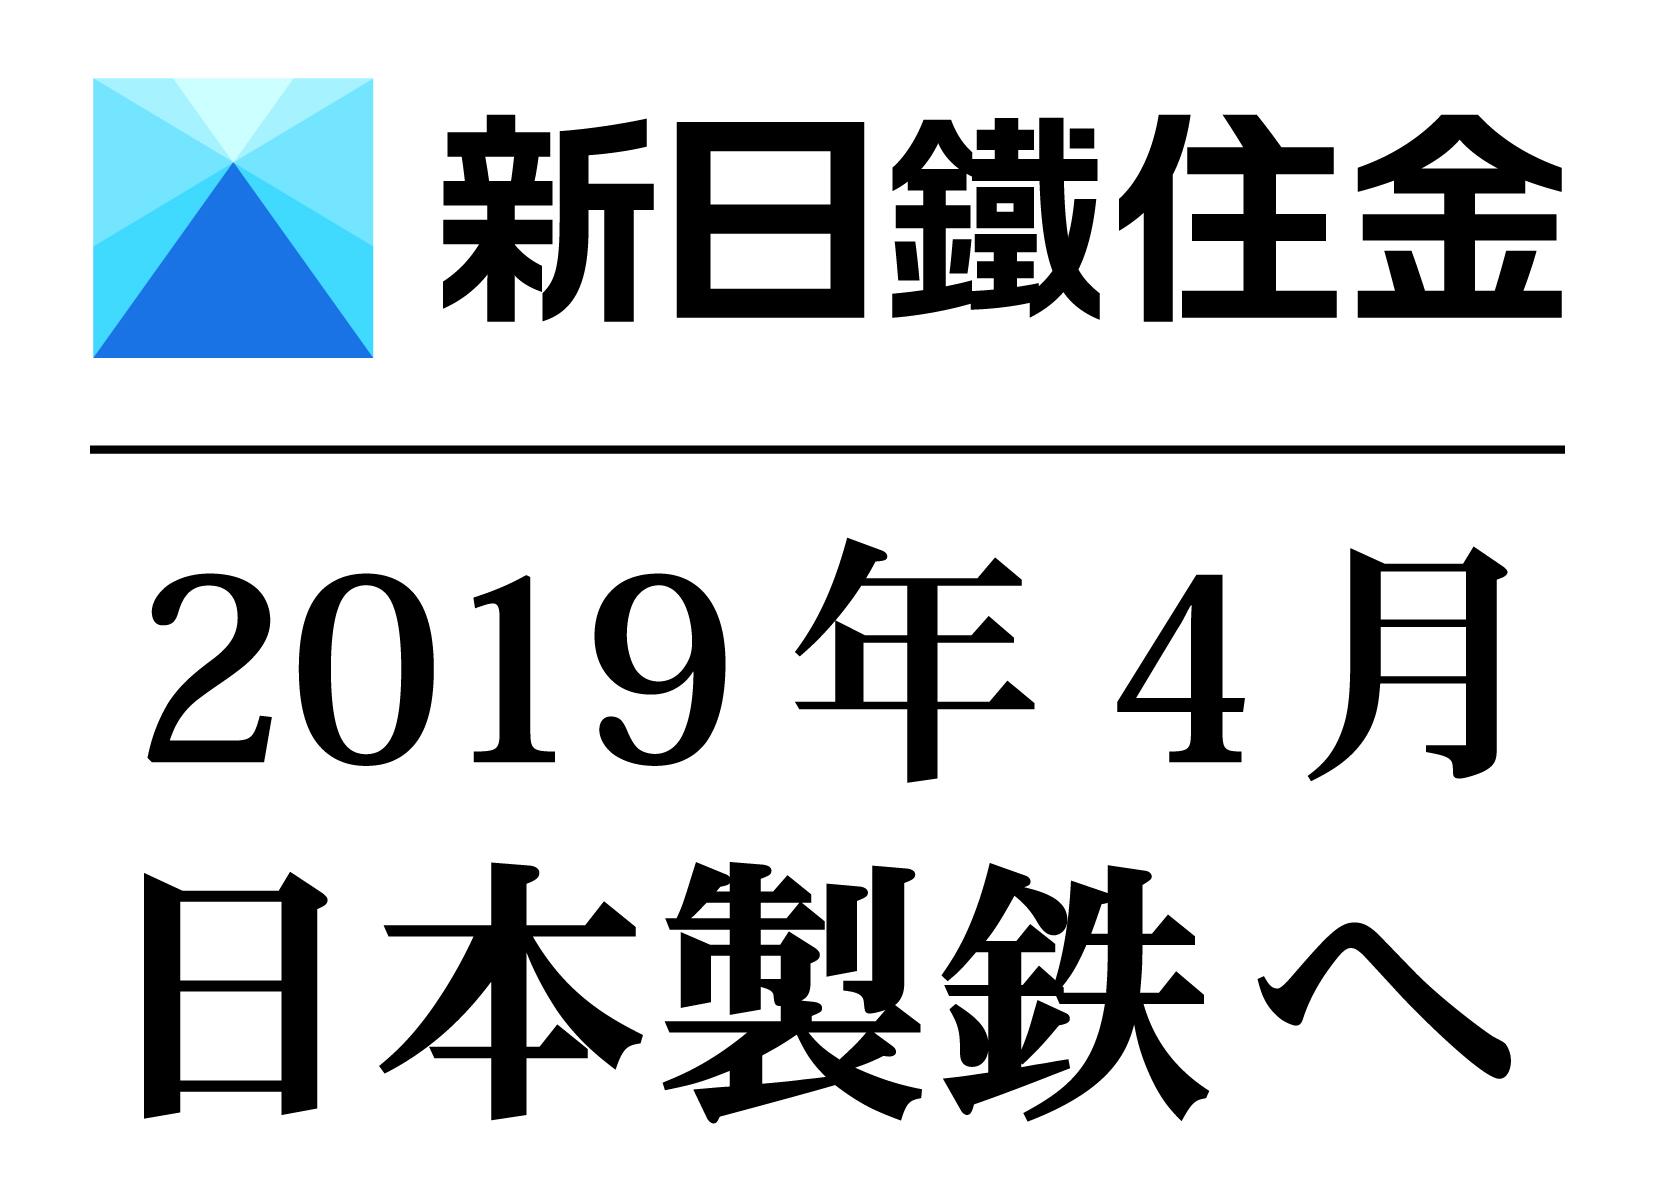 新日鐵住金株式会社ロゴ